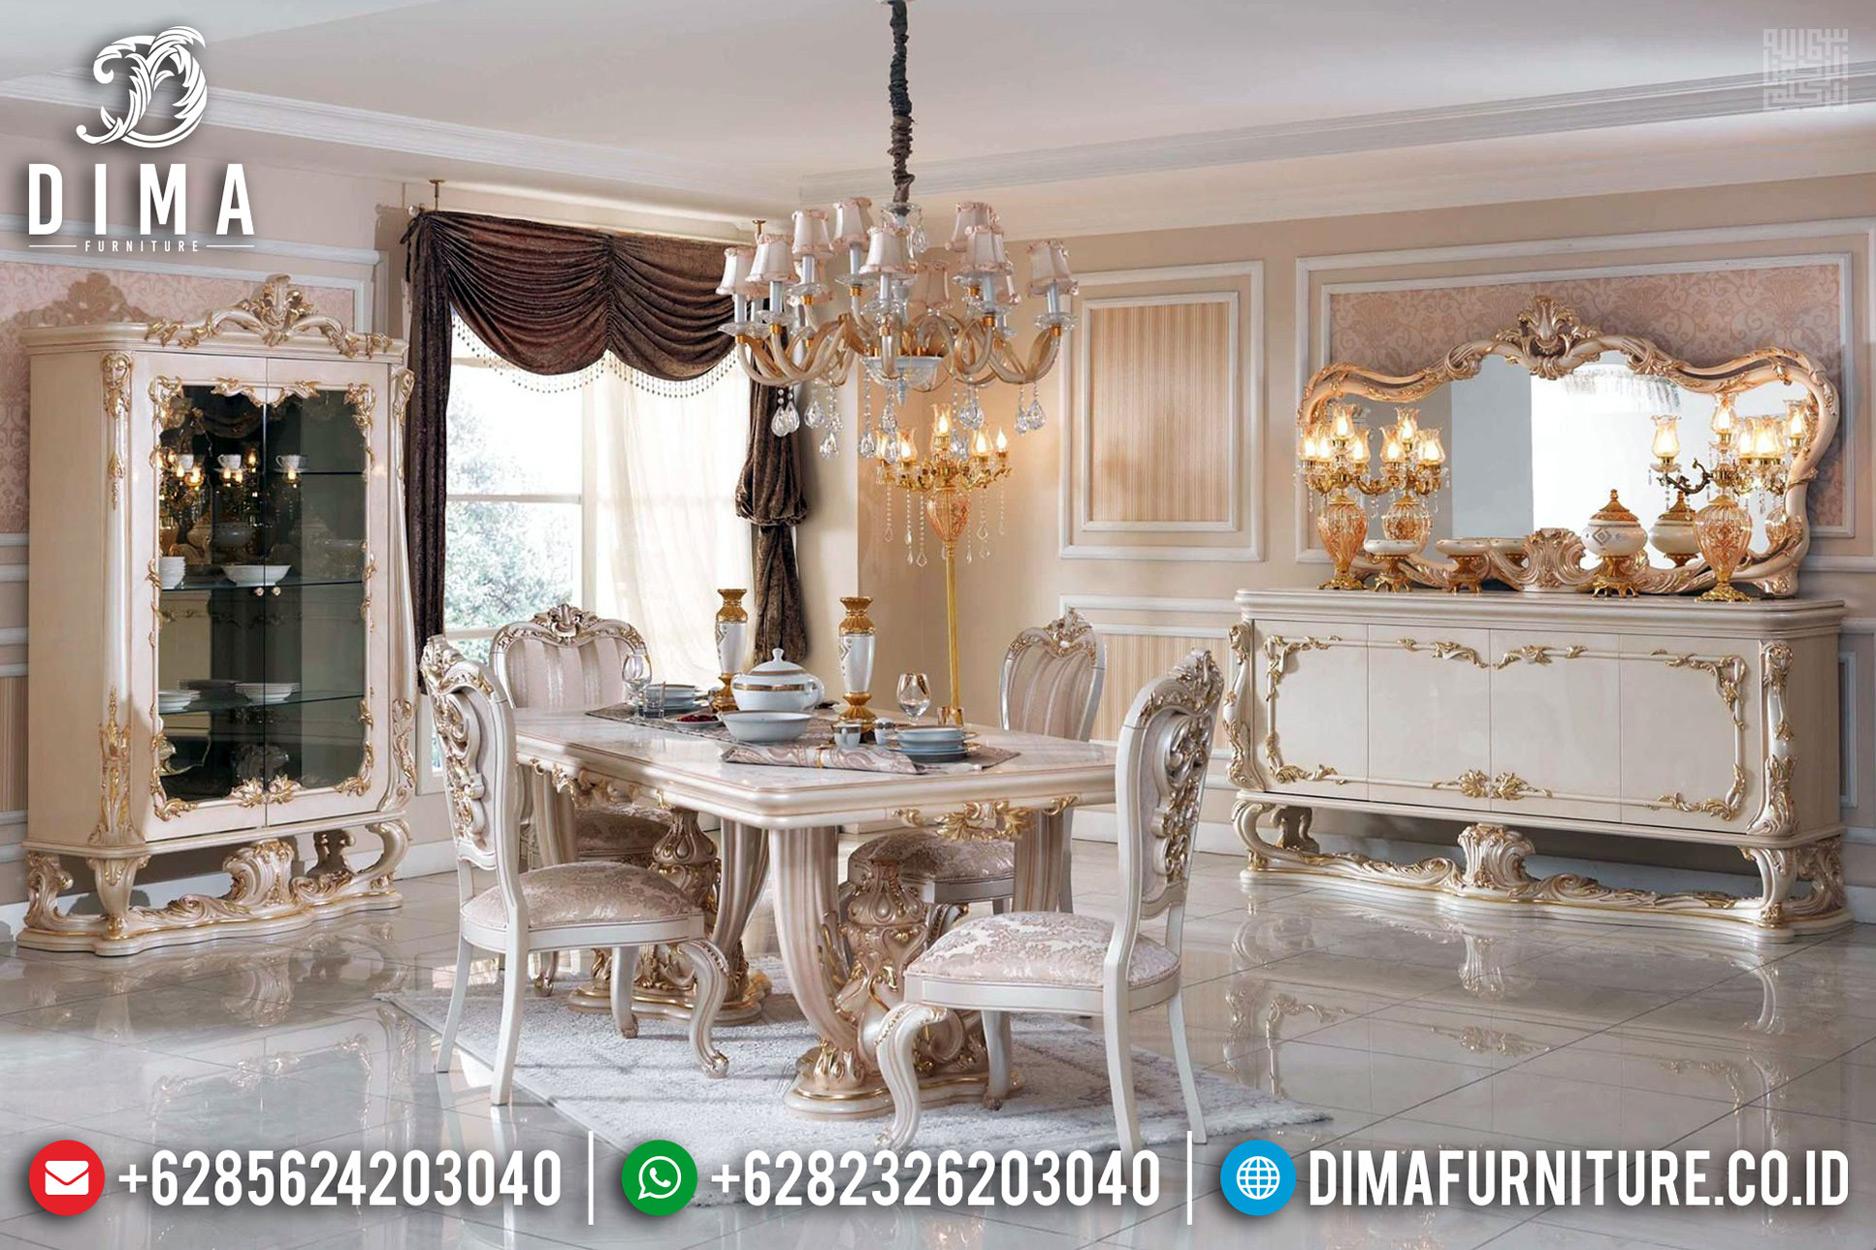 Meja Makan Mewah 6 Kursi Ukiran Luxury Carving New Furniture Jepara TTJ-0738